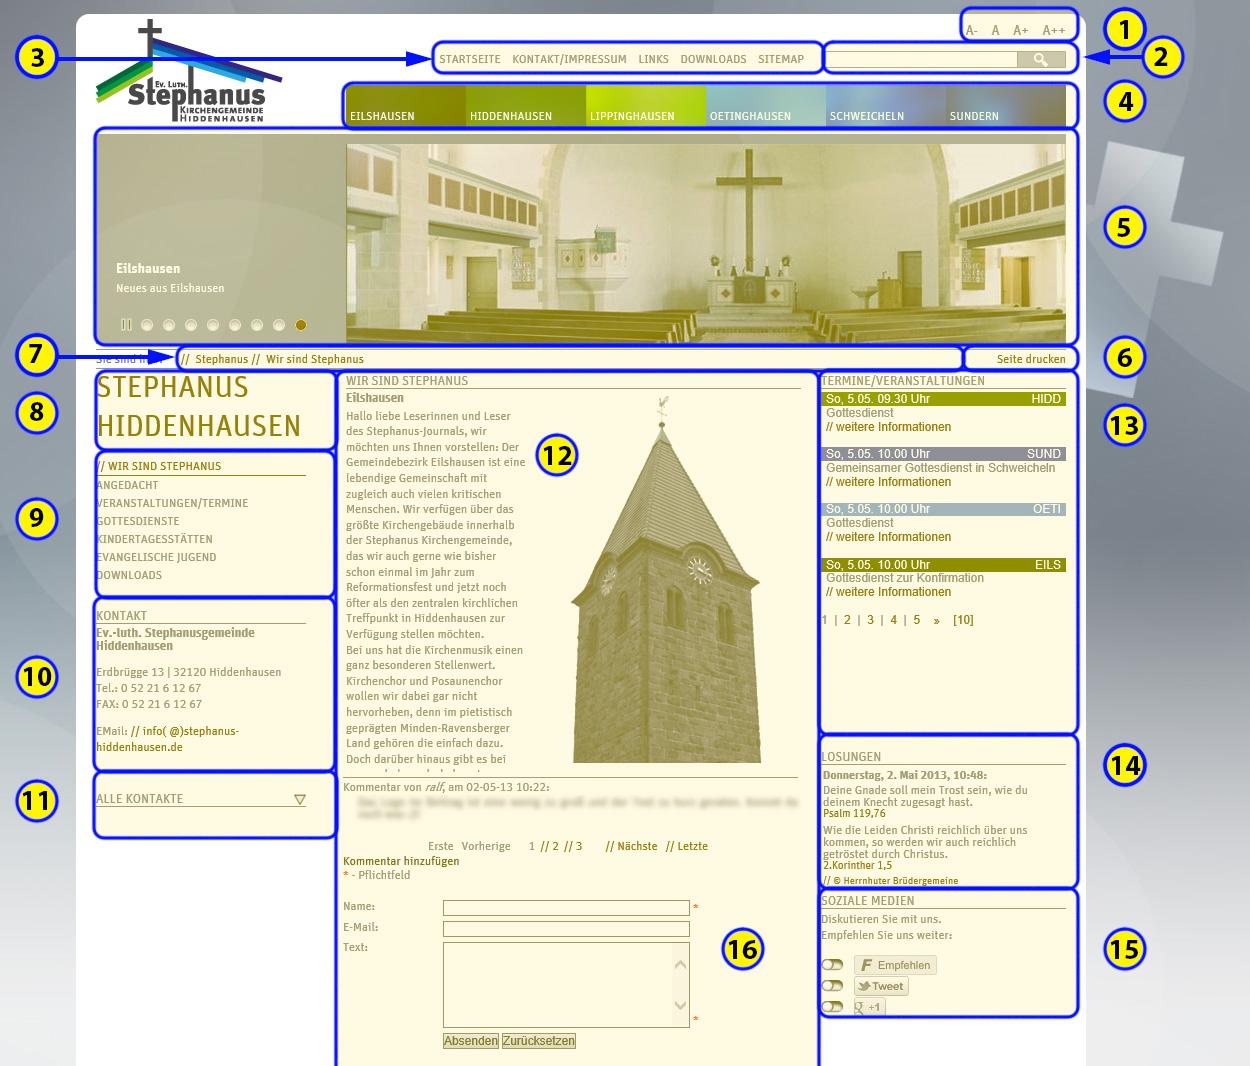 Übersicht über die Stephanus-Webseite